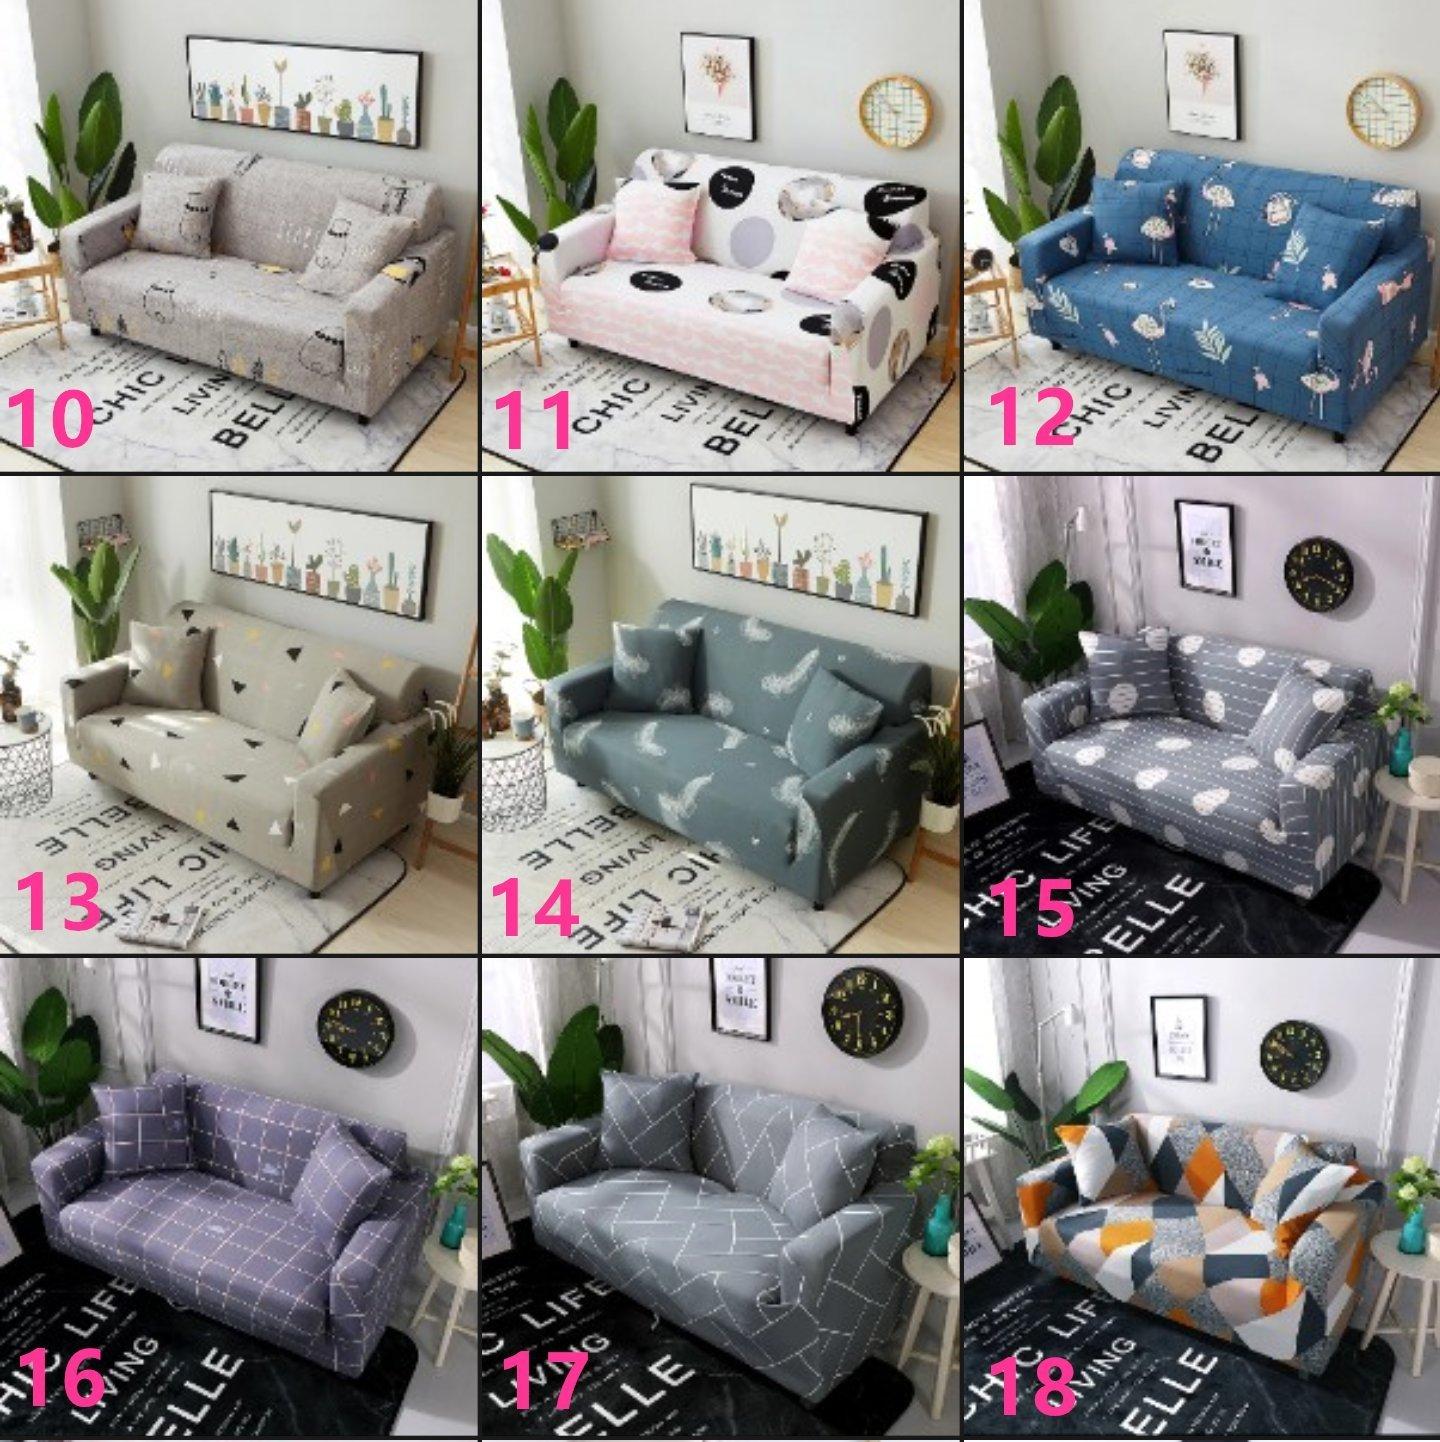 【RS Home】最新45款單人2人3人4人沙發罩彈性沙發套沙發墊工業風北歐床墊保潔墊彈簧床折疊沙發 [單人座送枕套]